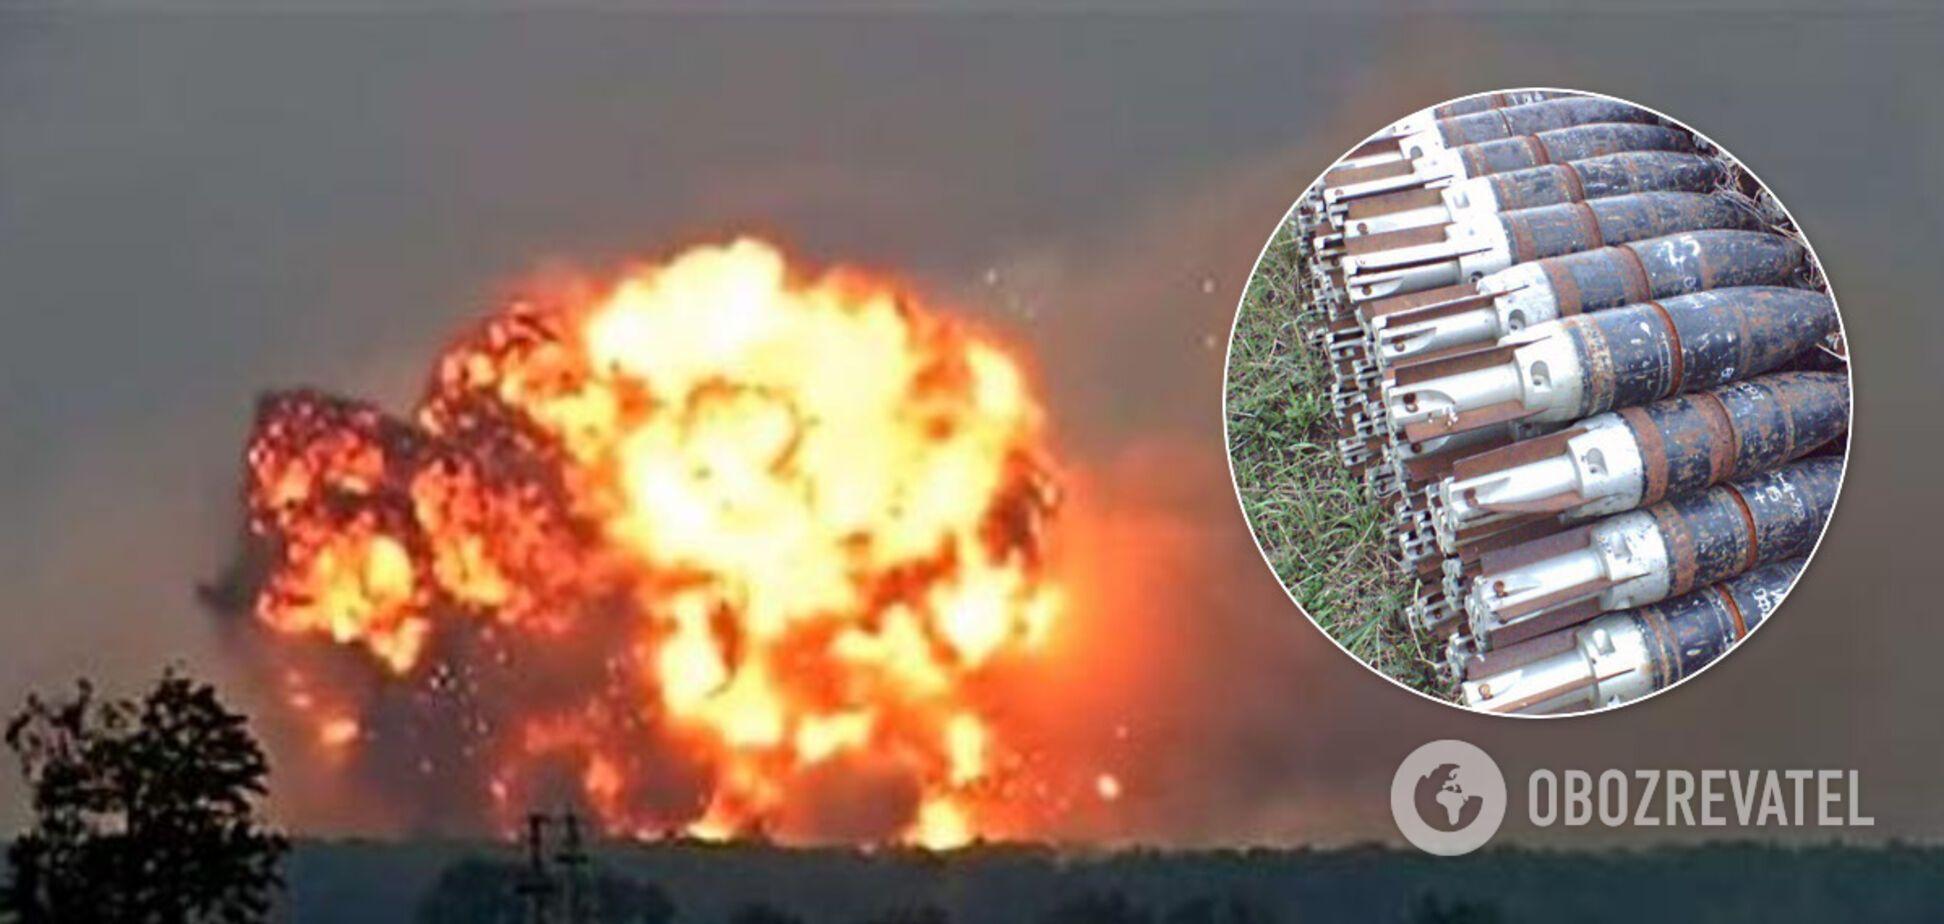 Взрывы на складах в Калиновке: появились скандальные детали об исчезновении боеприпасов